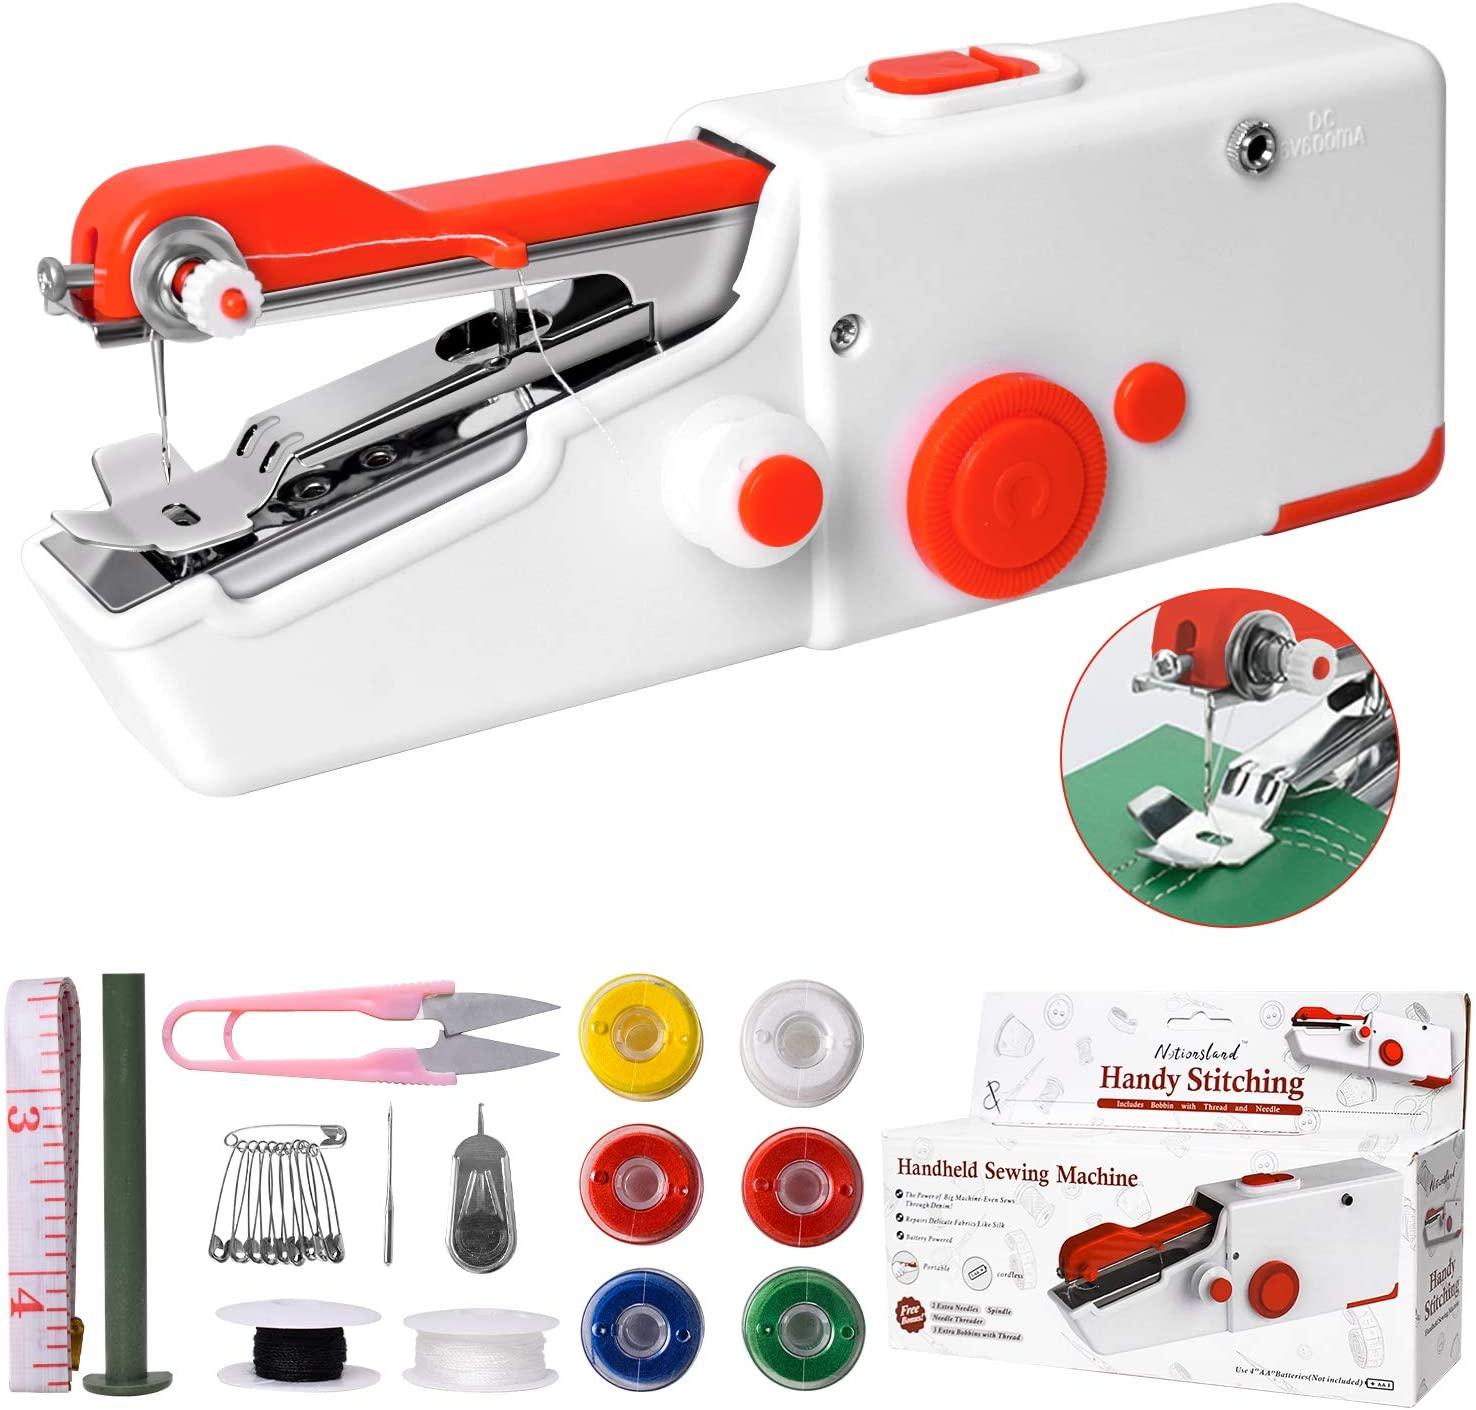 4 Handheld Sewing Machine